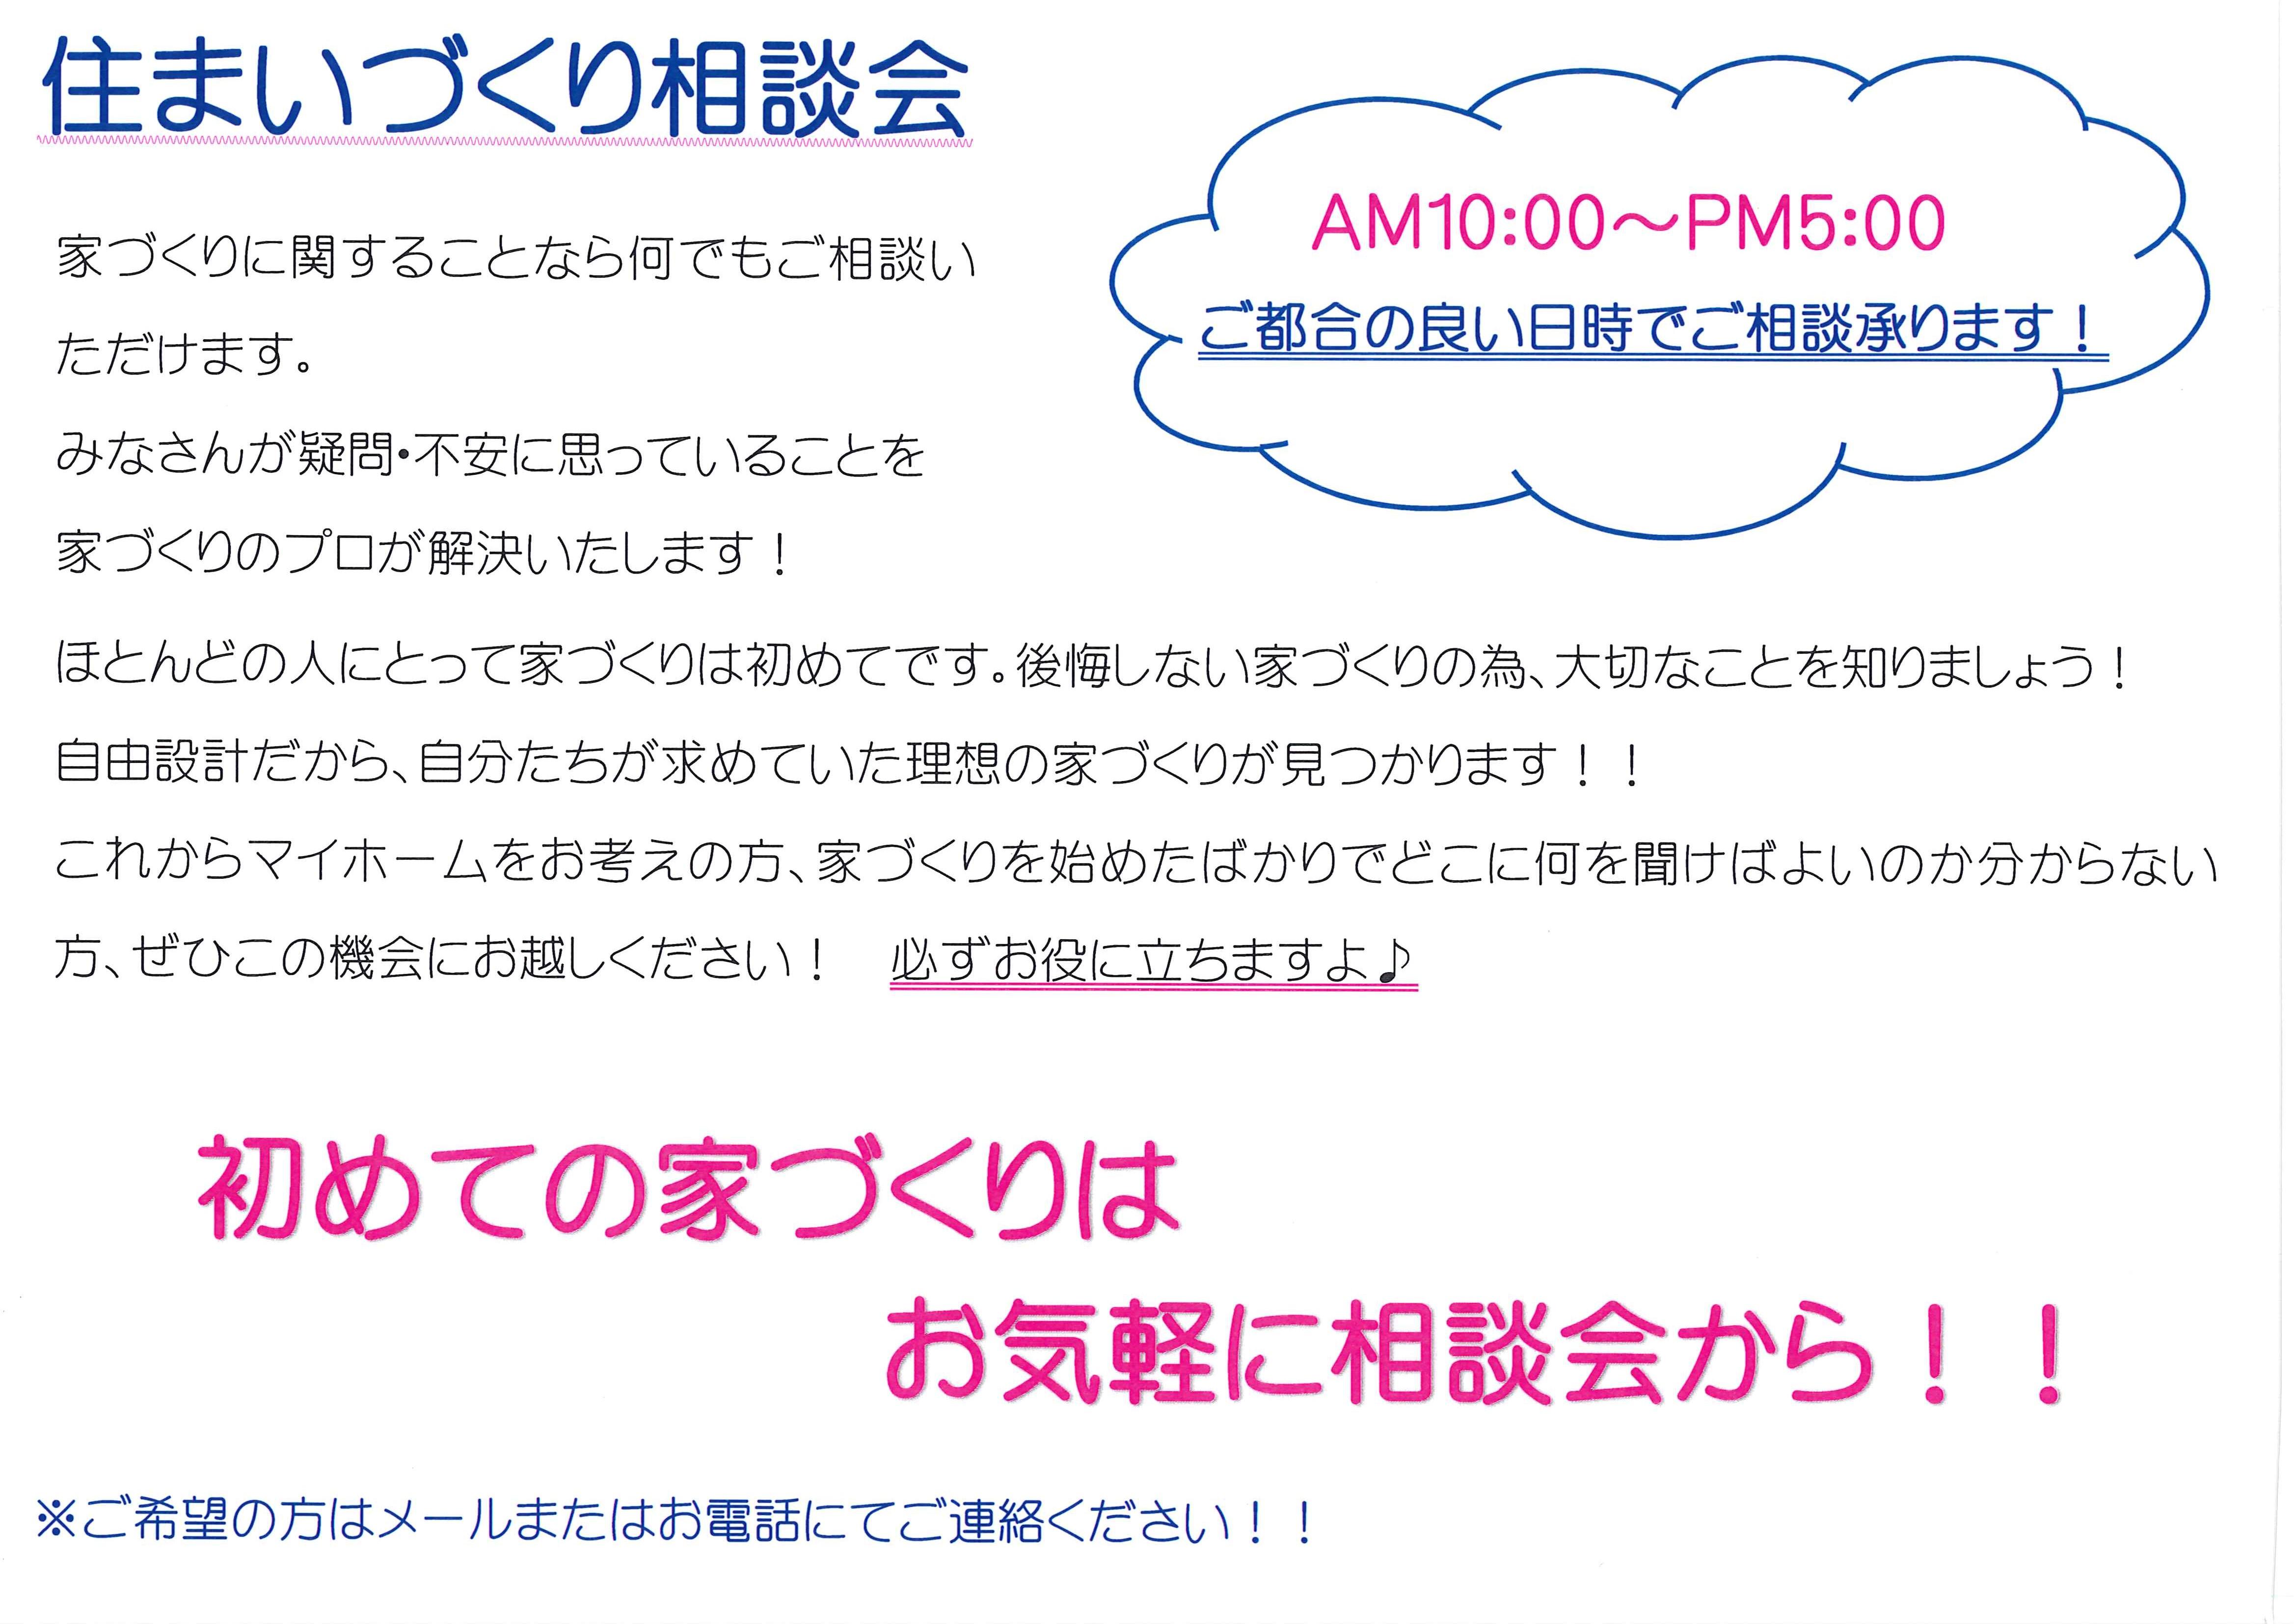 『住まいづくり相談会』のお知らせ!